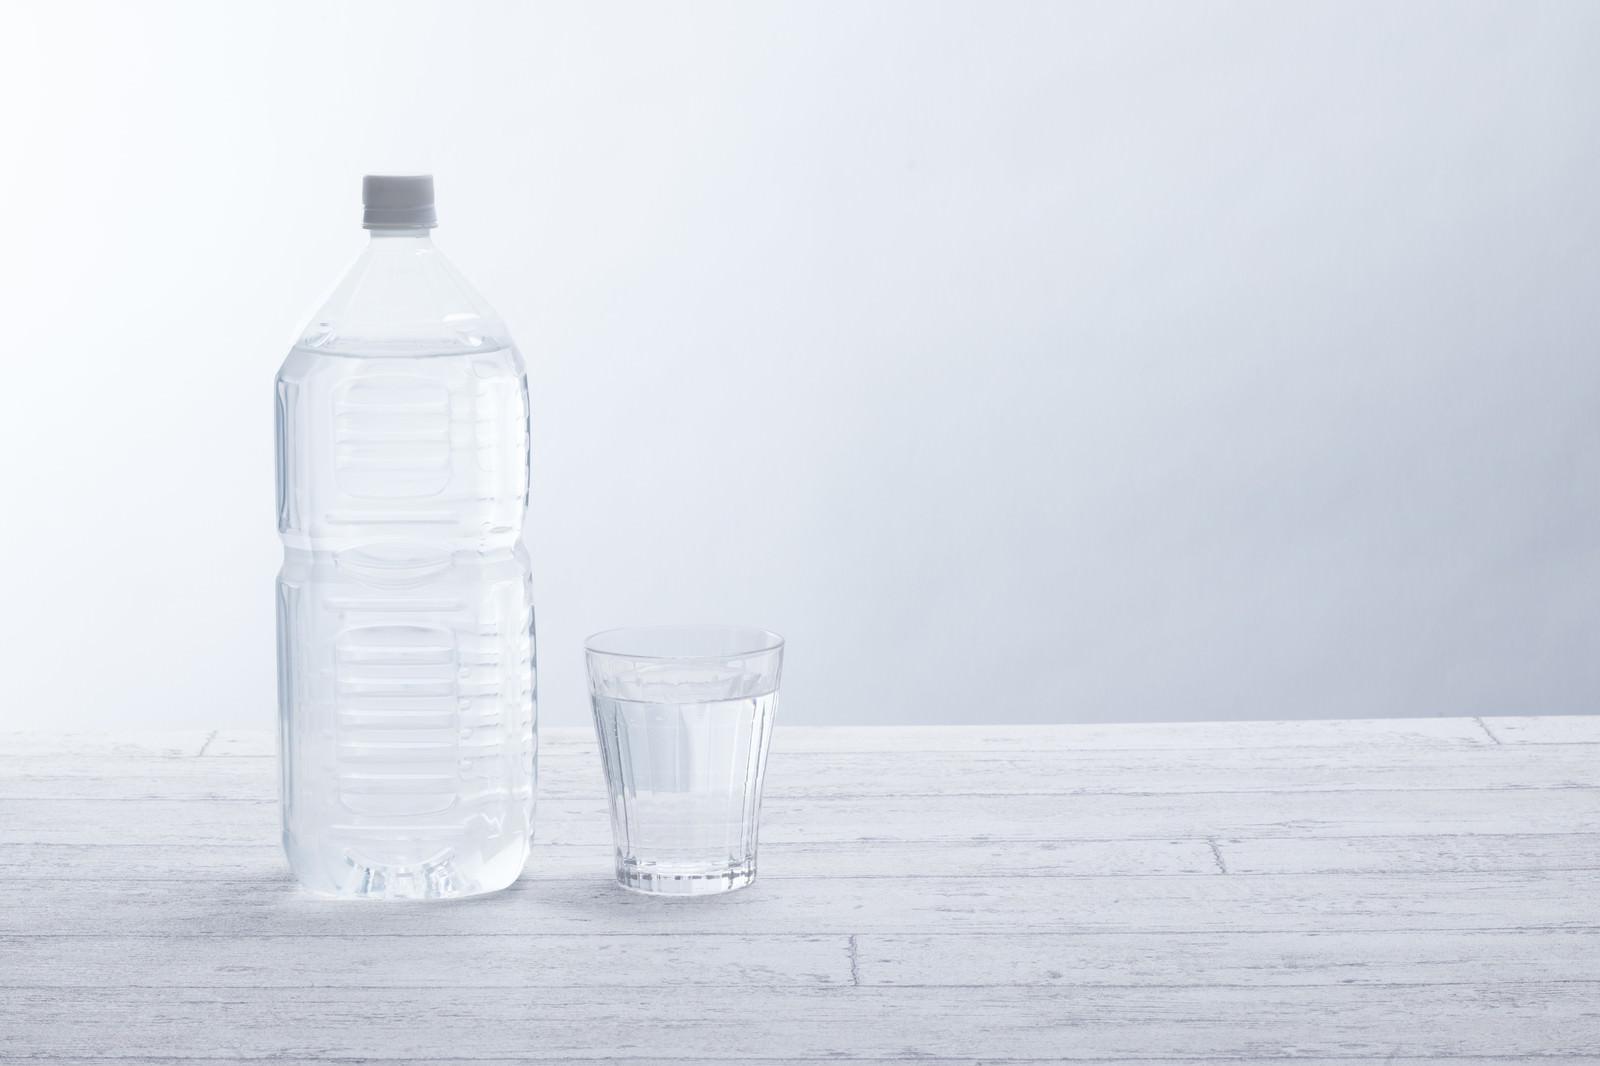 「2リットルペットボトルとグラス」の写真